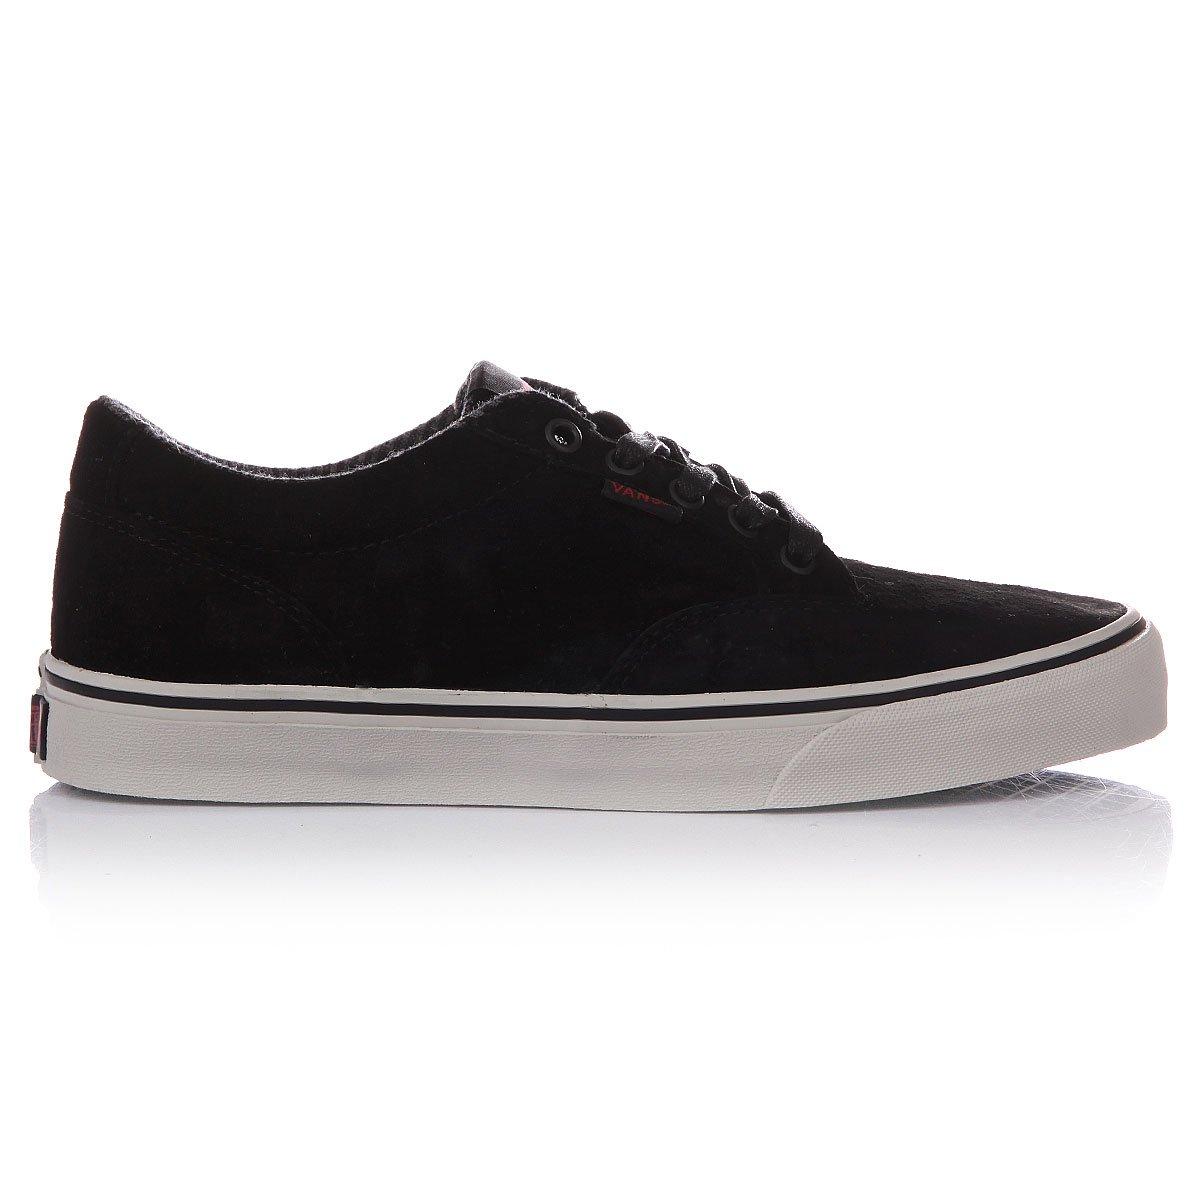 Купить кеды Vans M Winston Mte Black Grey (fixed price) в интернет ... 92217ea16f0